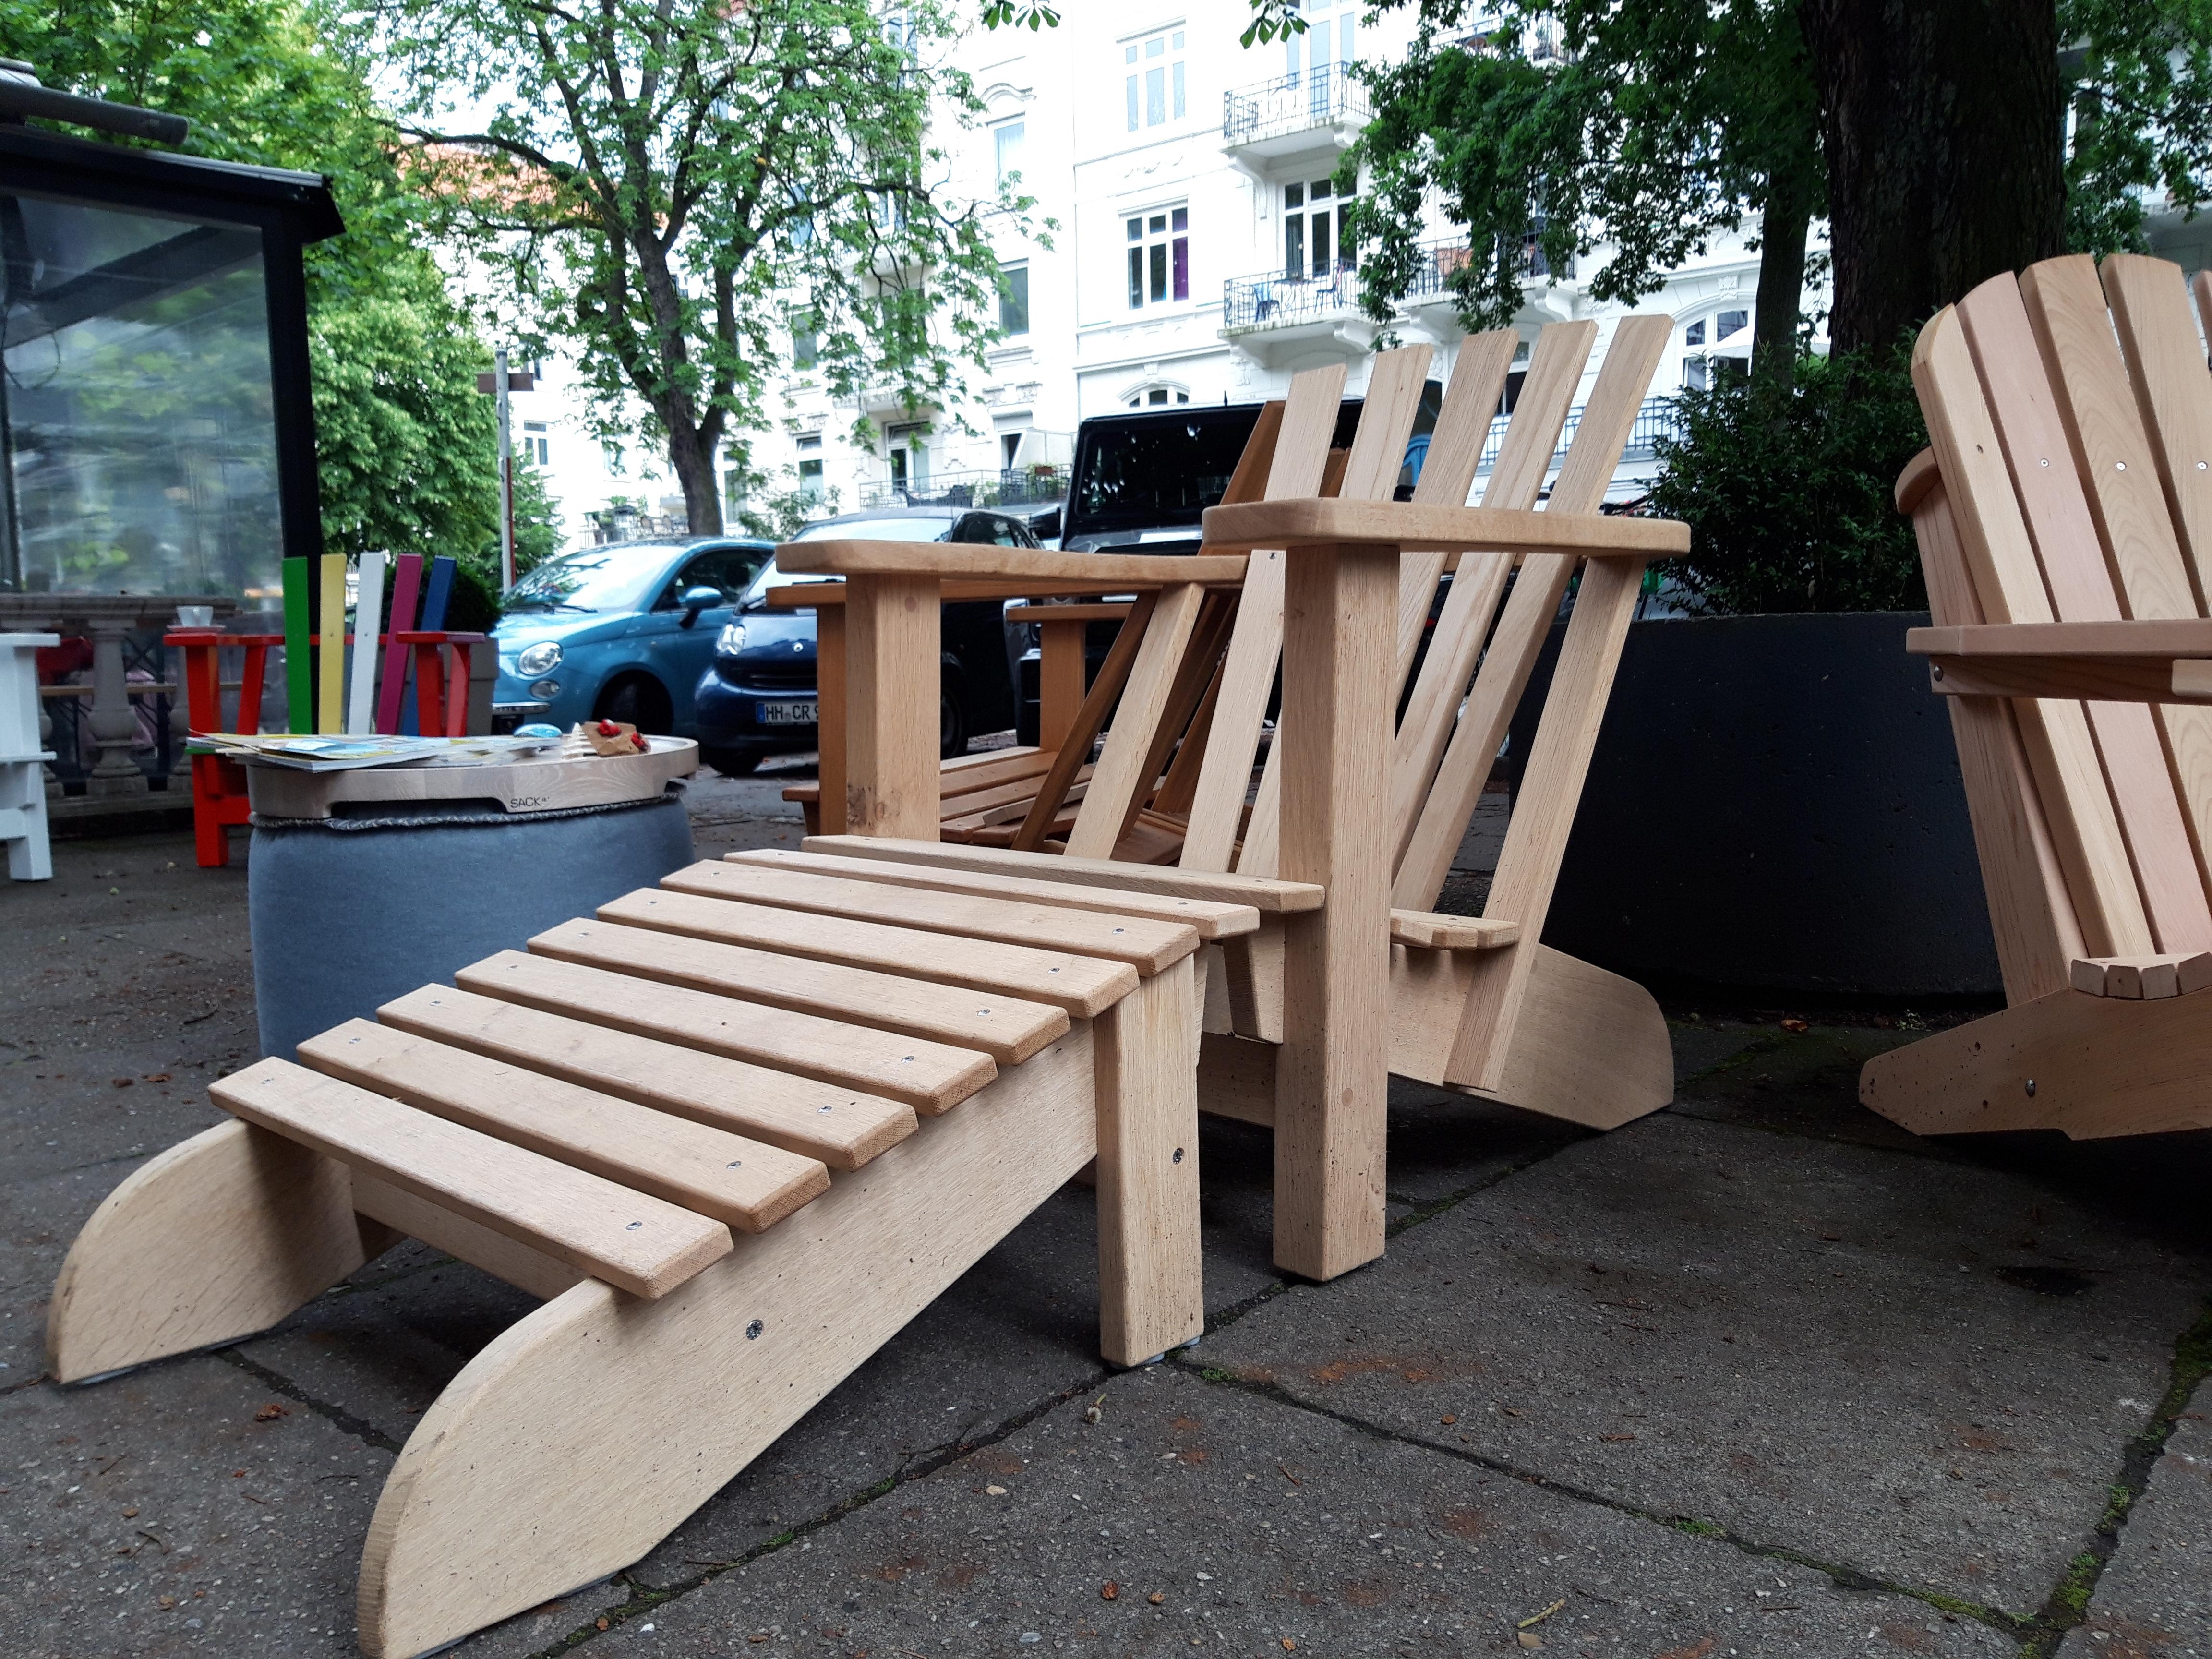 Alsterstuhl_Fussbank_Adirondack_Chair_Eiche